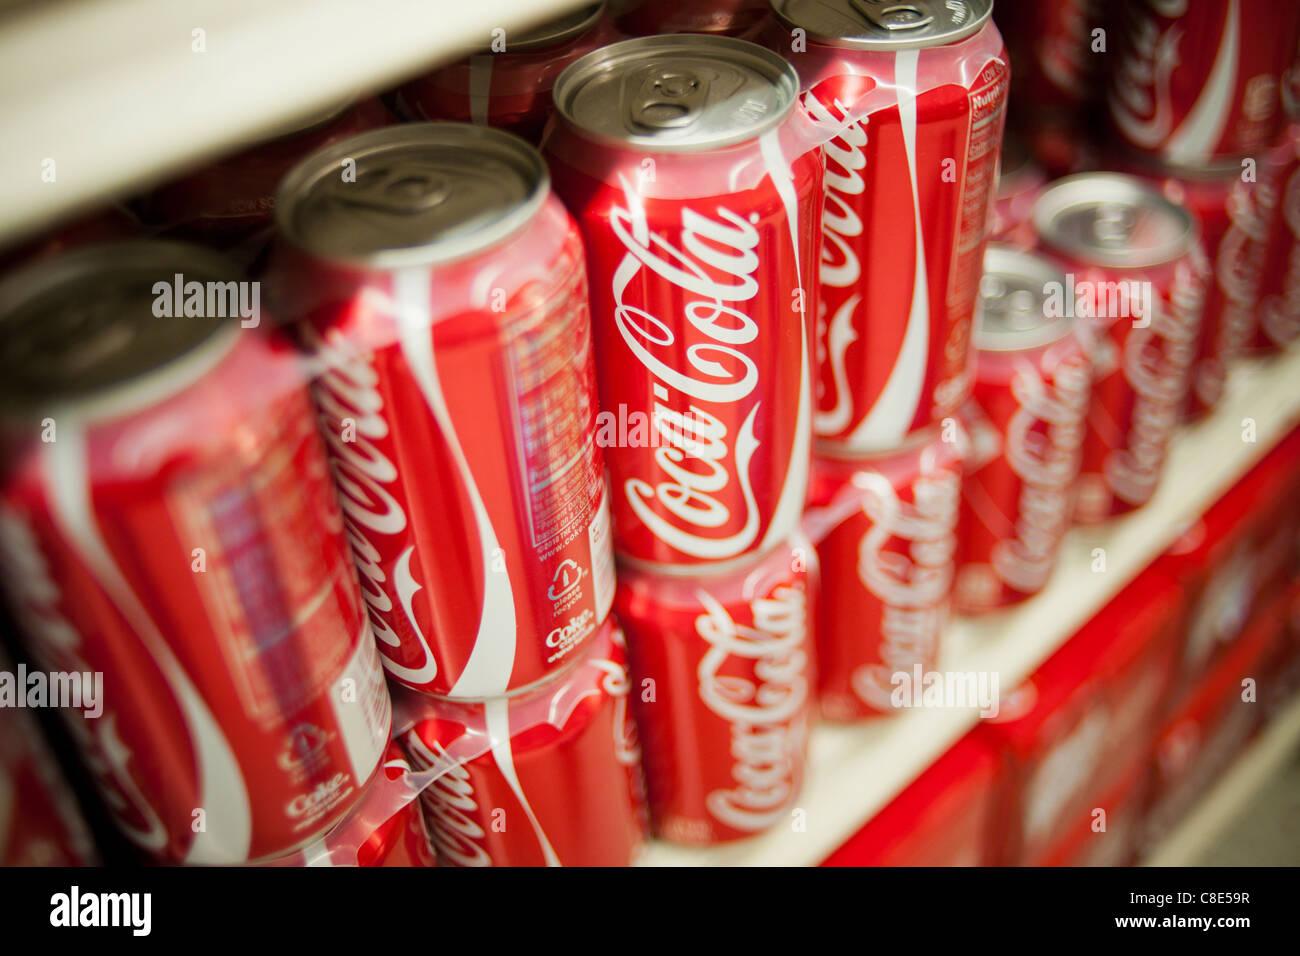 Mini Kühlschrank Nuka Cola : Coca cola dose mini kühlschrank mini kühlschrank red bull dose ᐅ